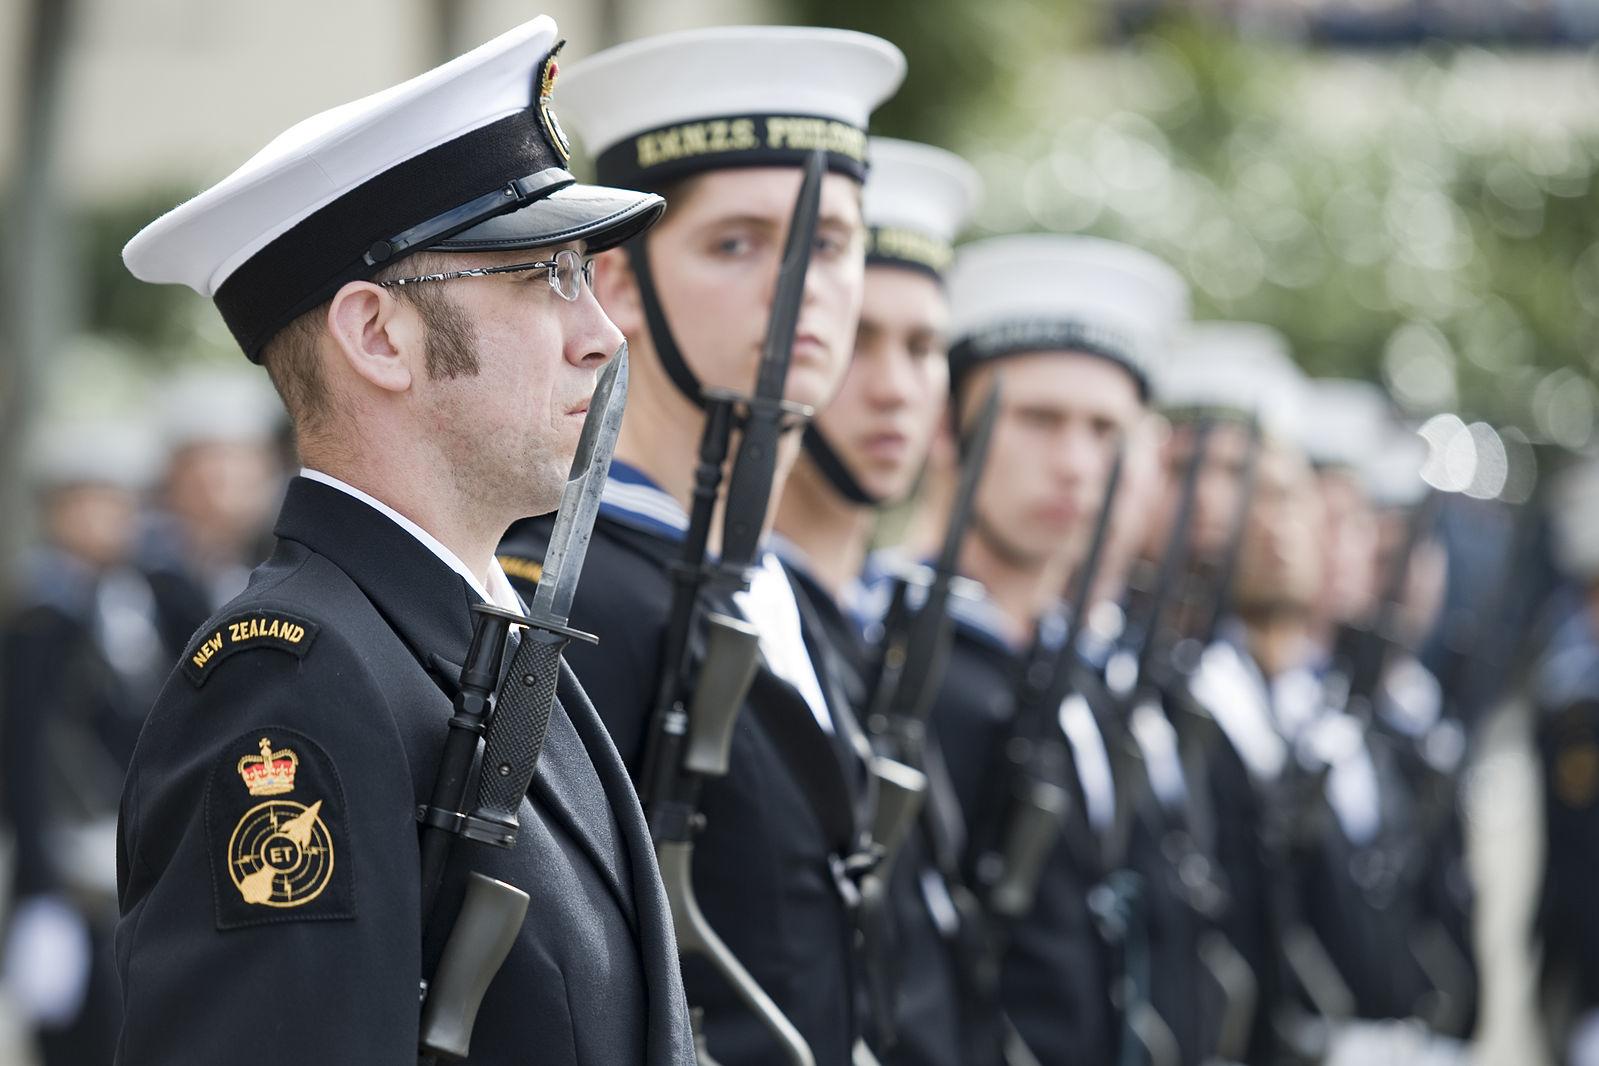 Mis võiks olla edukamat meigitud meesmereväelasest?